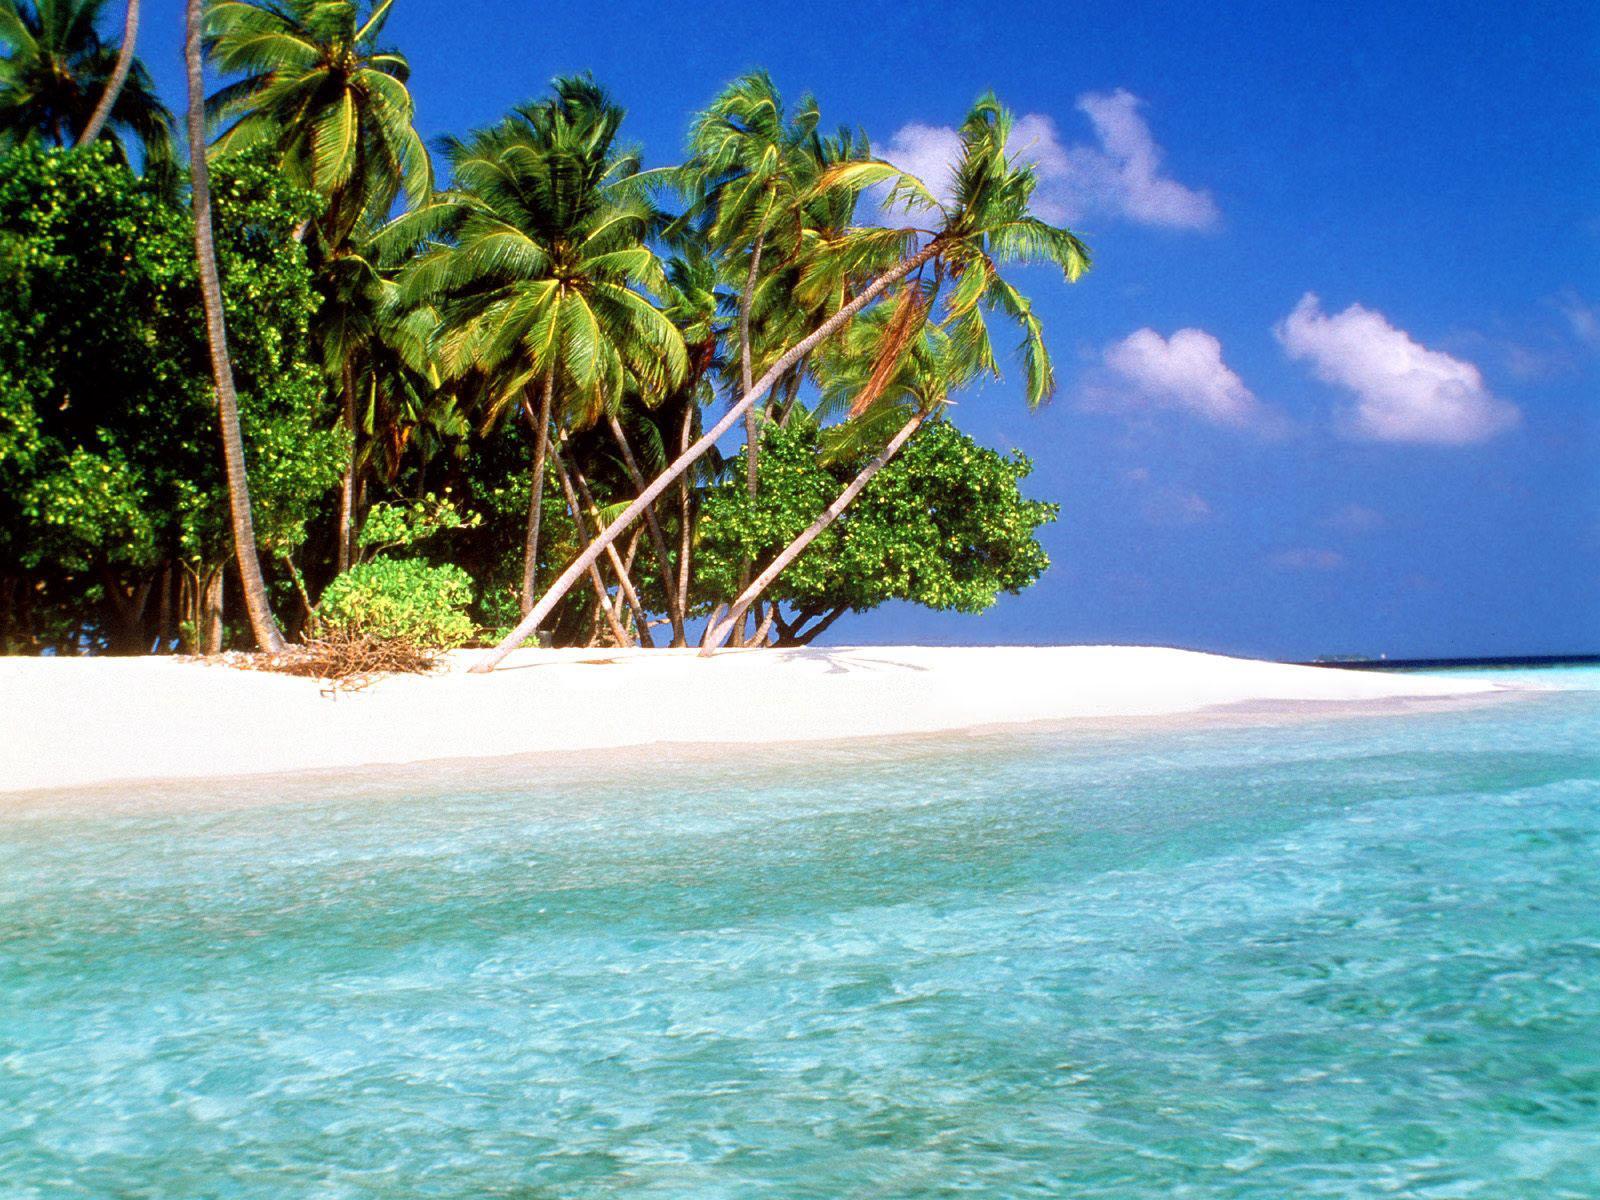 Exotic Islands: Exotic Islands - Maldives